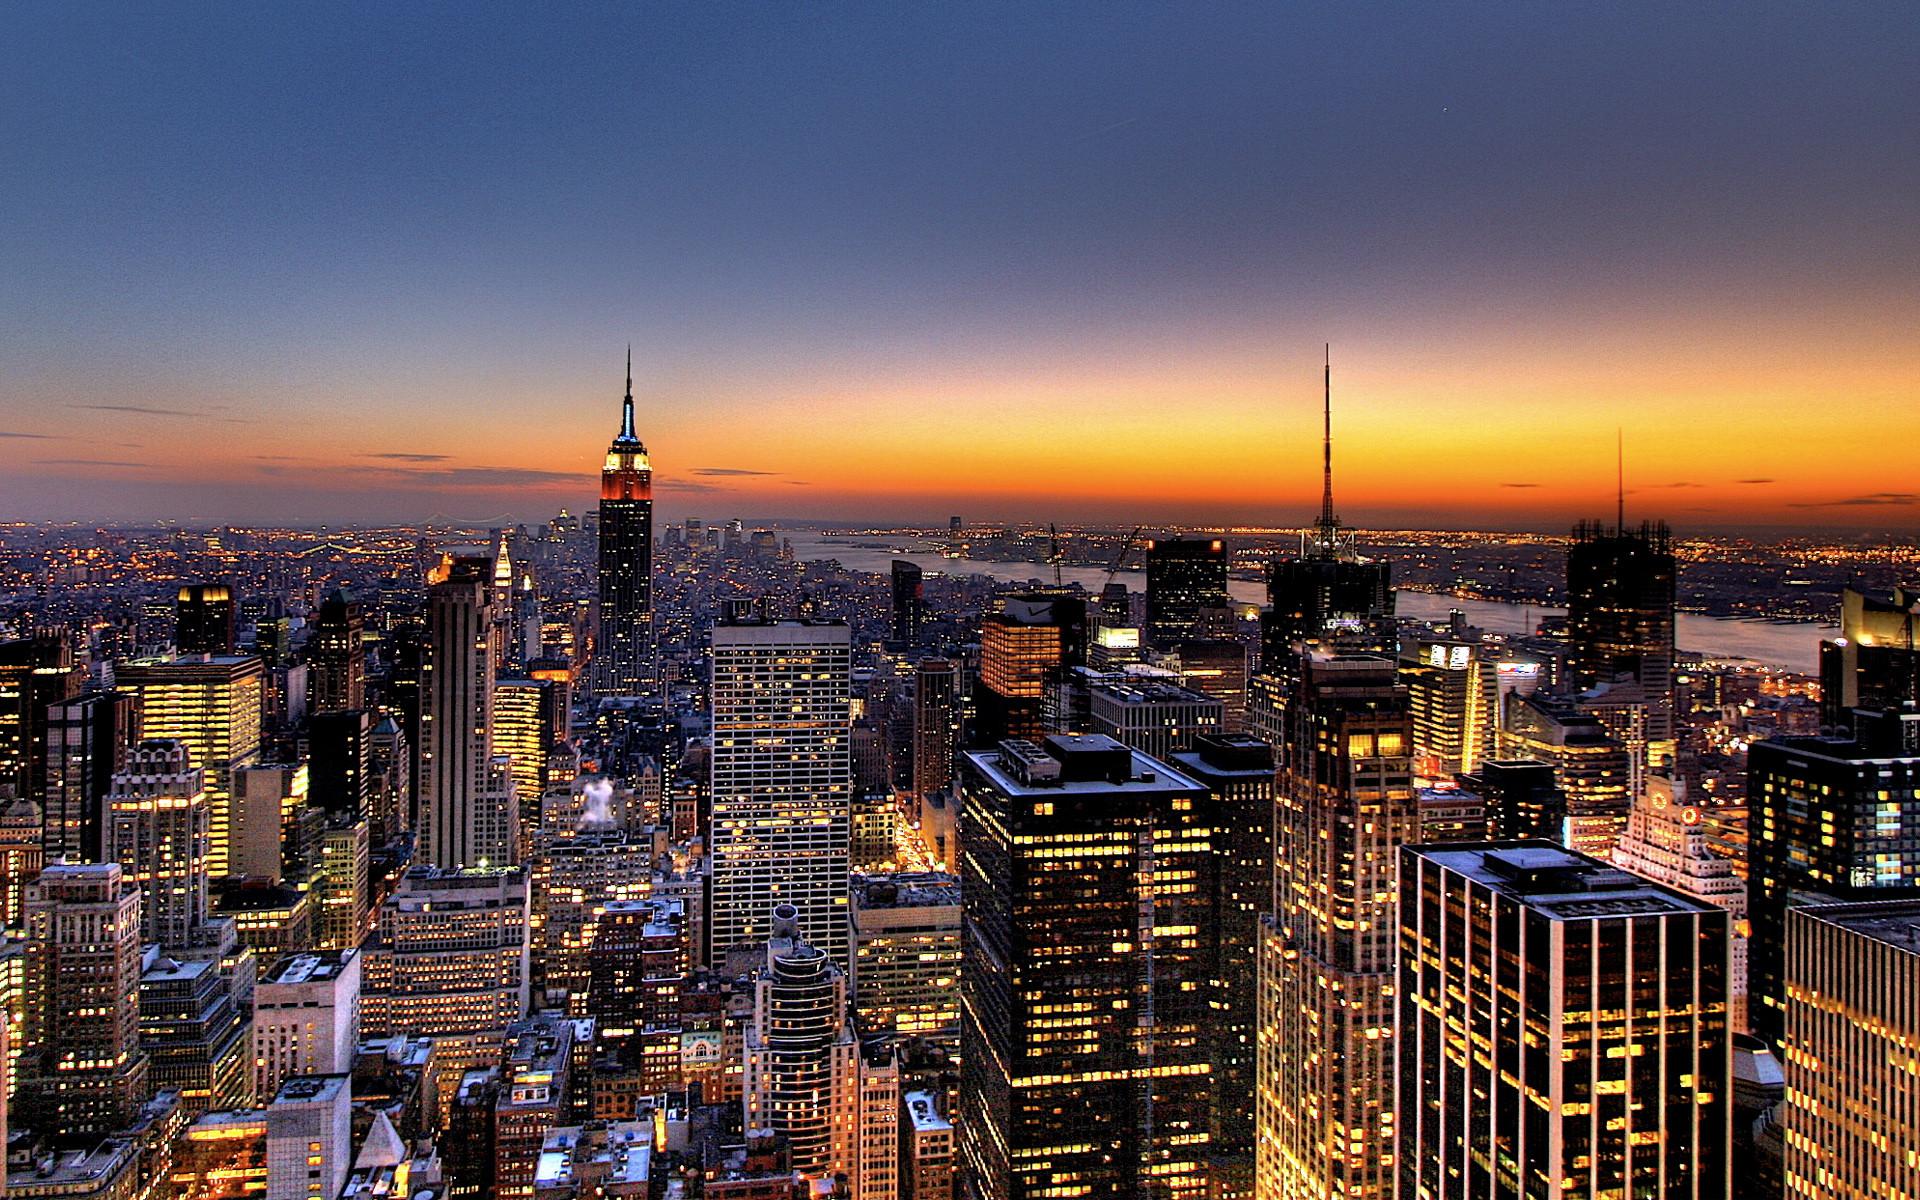 Hong Kong Wallpaper Iphone X New York City Skyline Wallpapers 183 ①